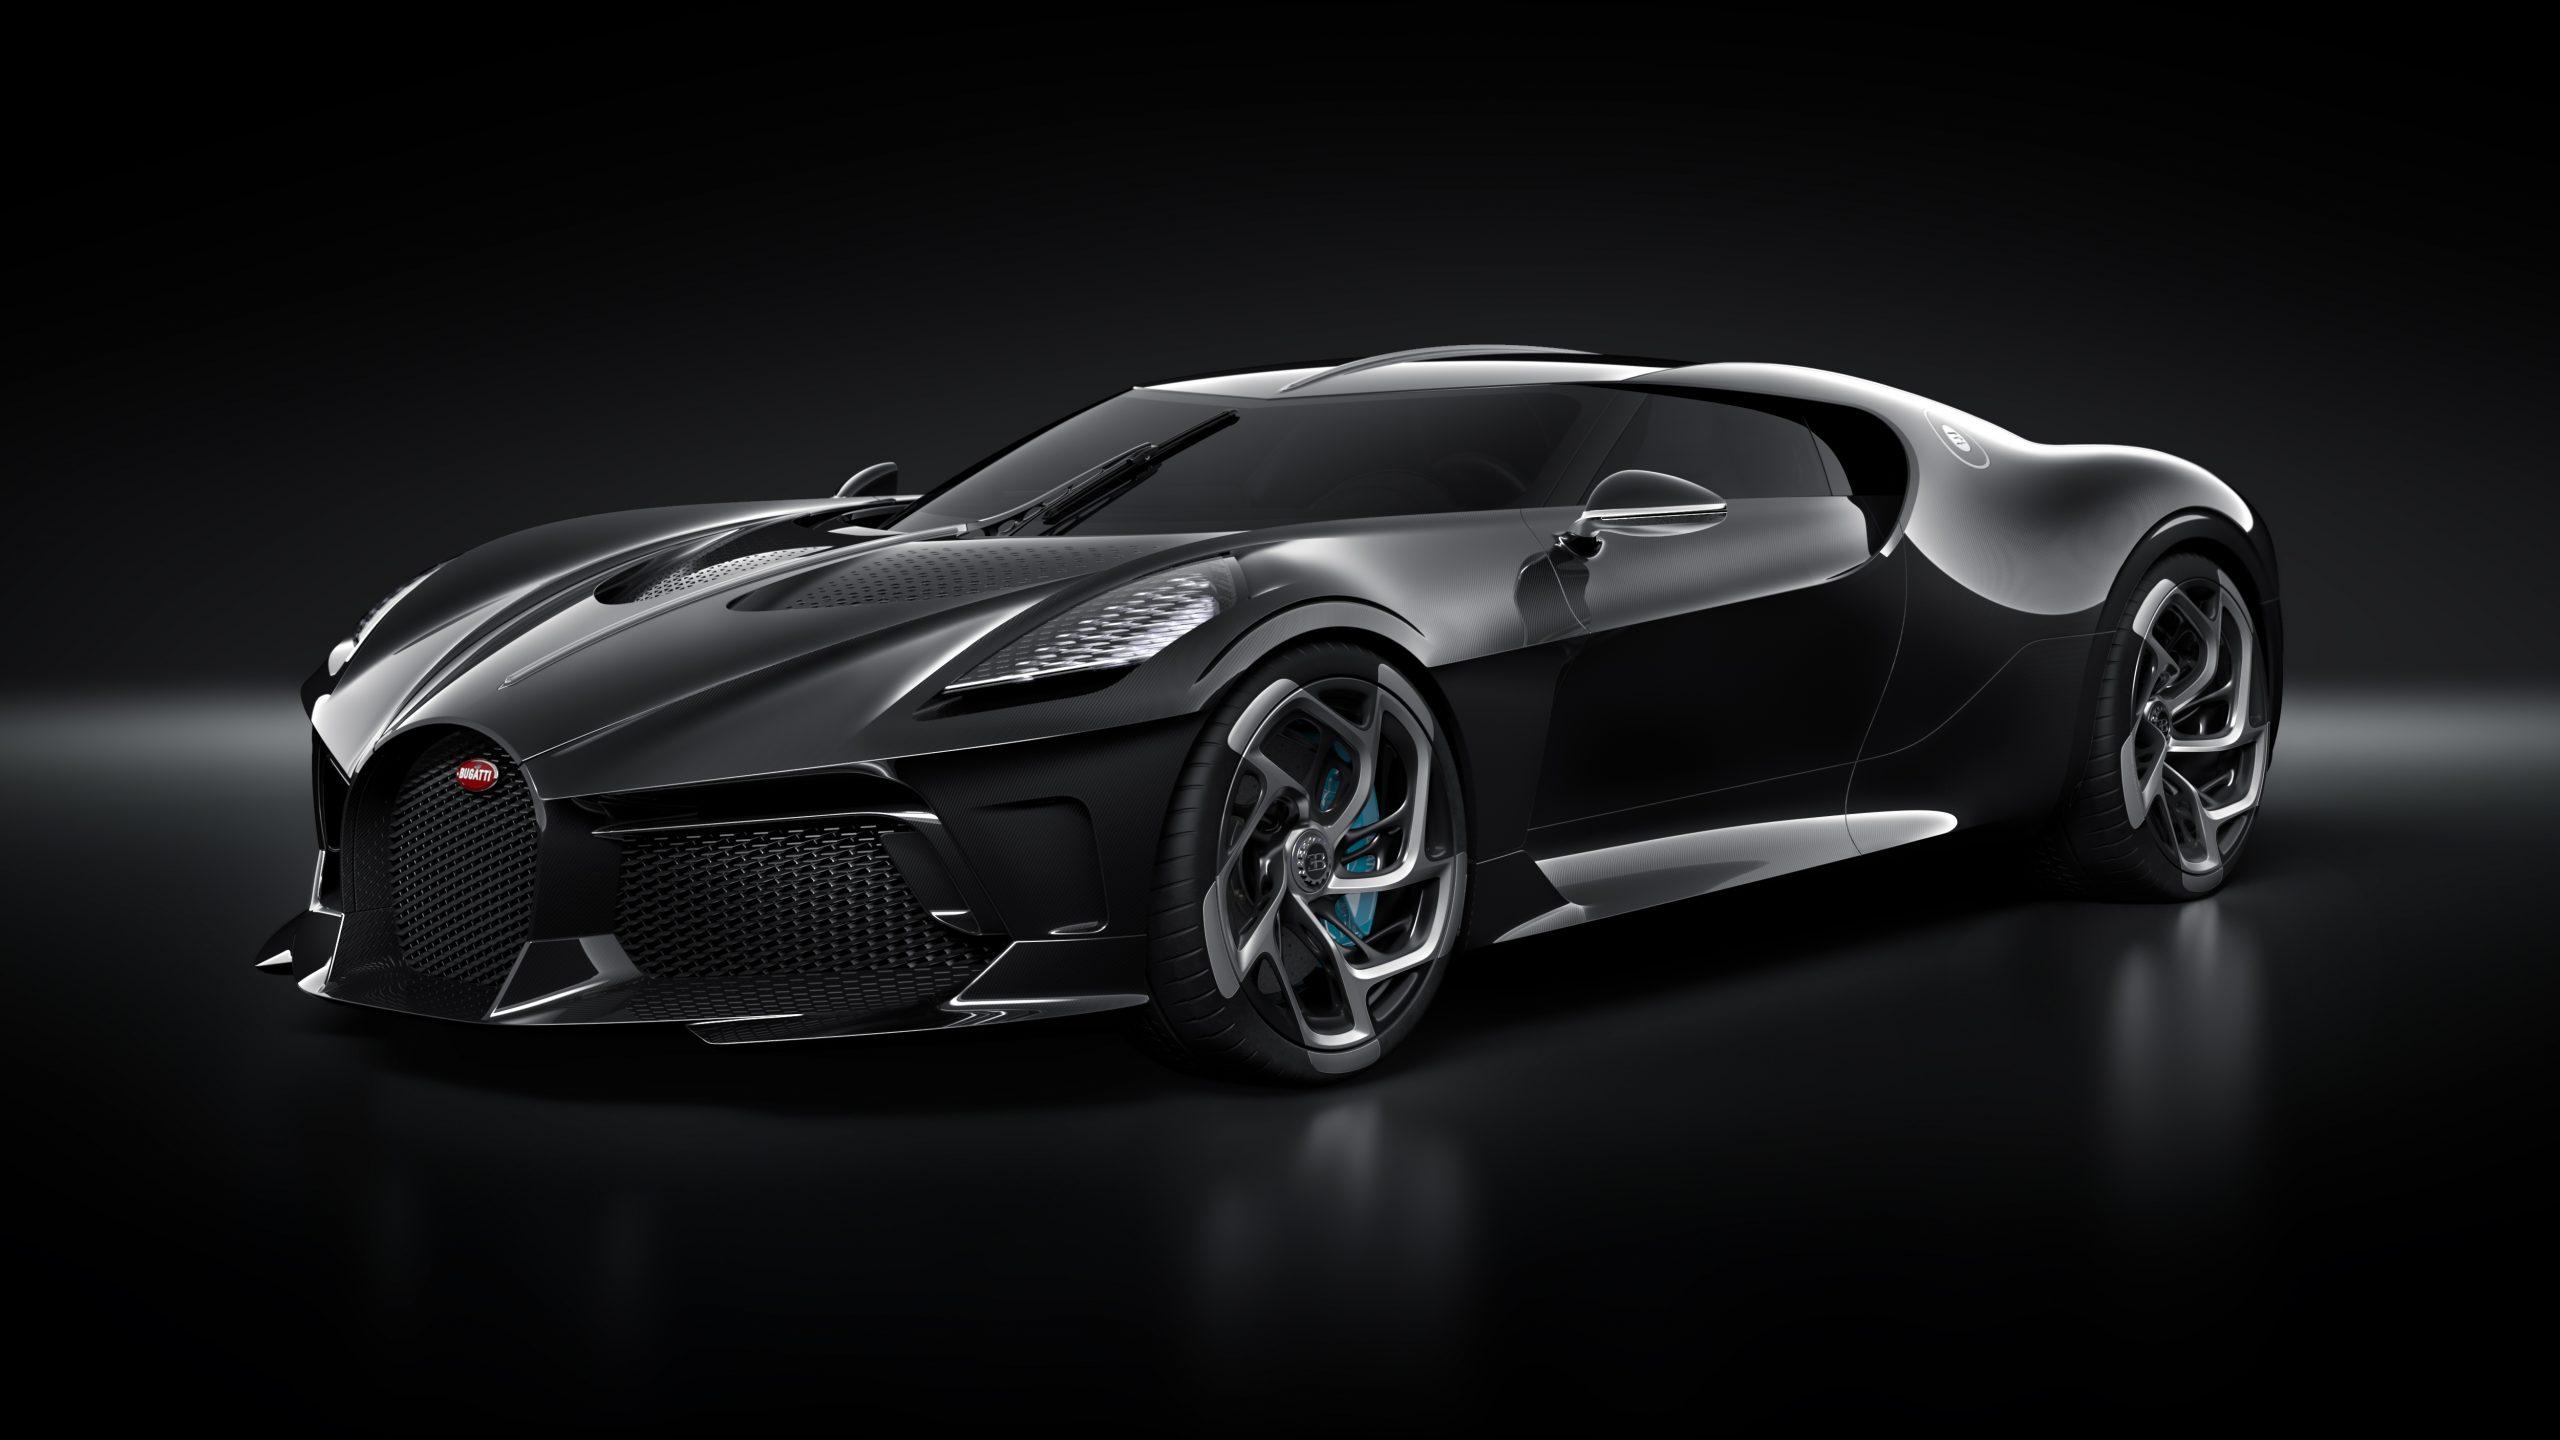 بوغاتي السيارة السوداء أغلى سيارة في التاريخ! أكثر من 18 مليون دولار